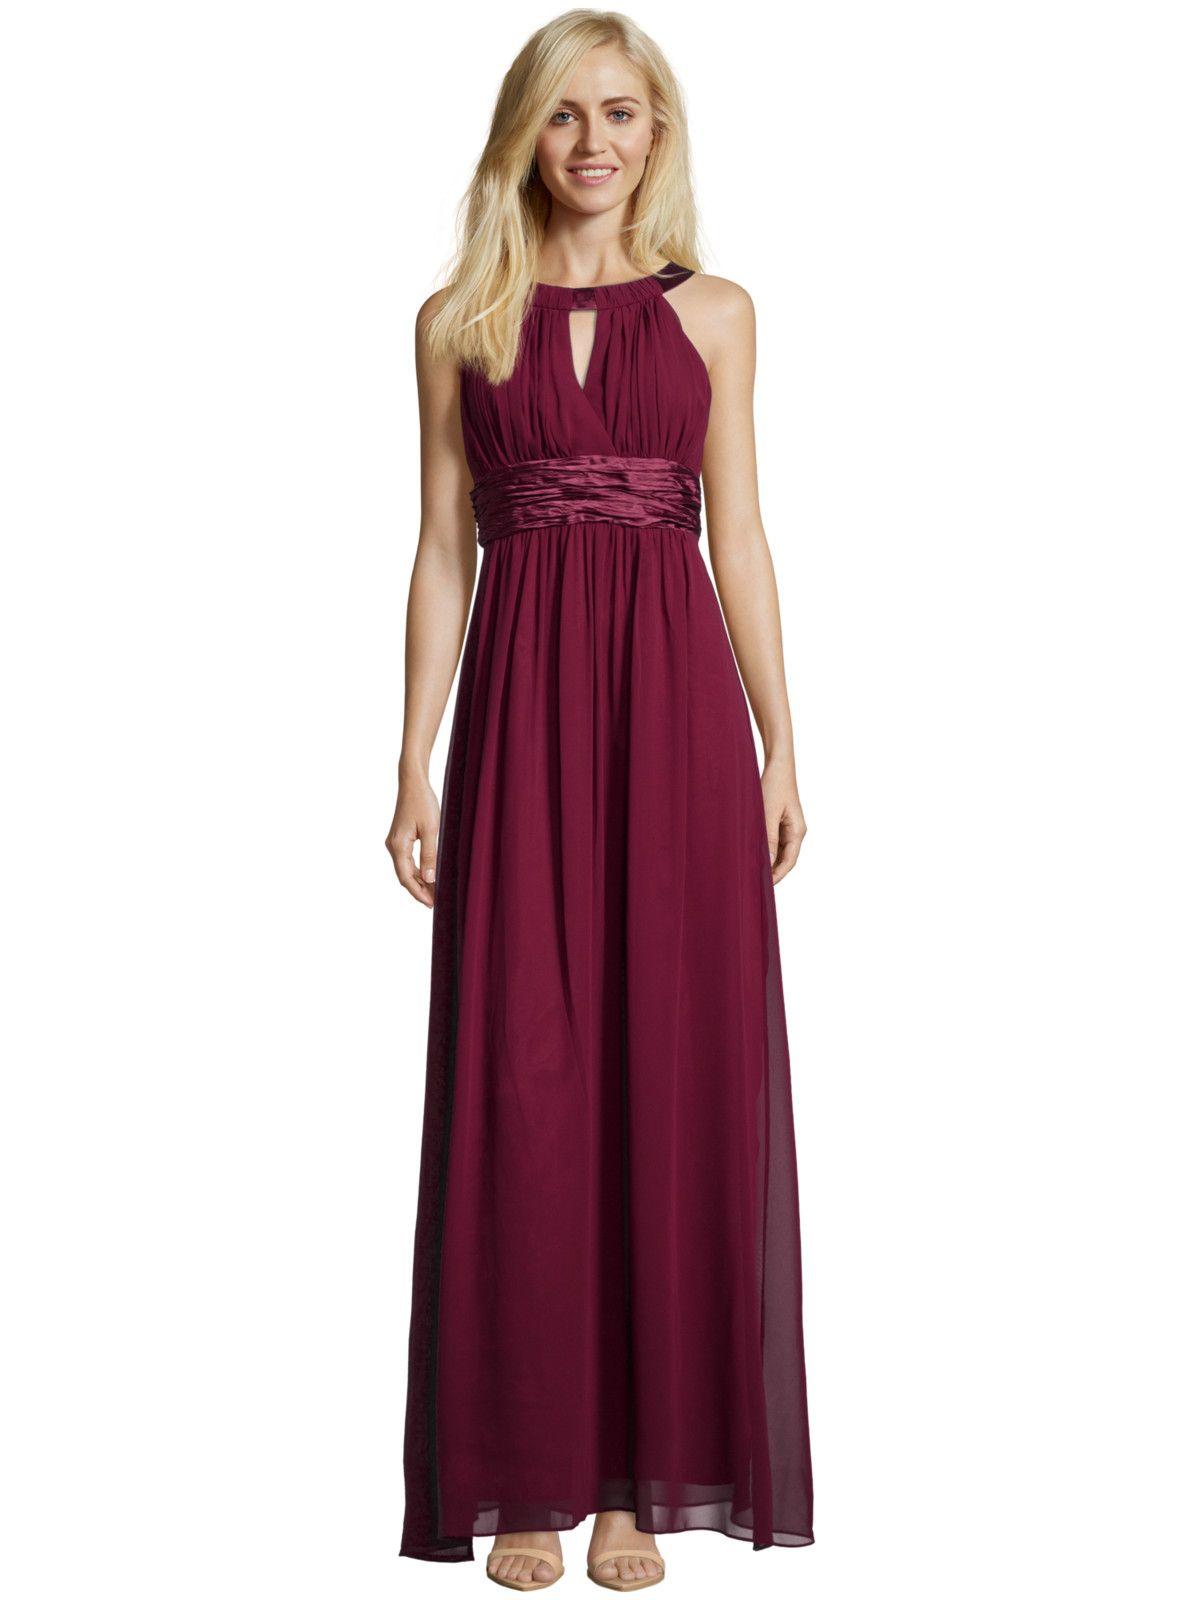 JAKES-COCKTAIL Abendkleid mit Collierkragen in Rot online kaufen